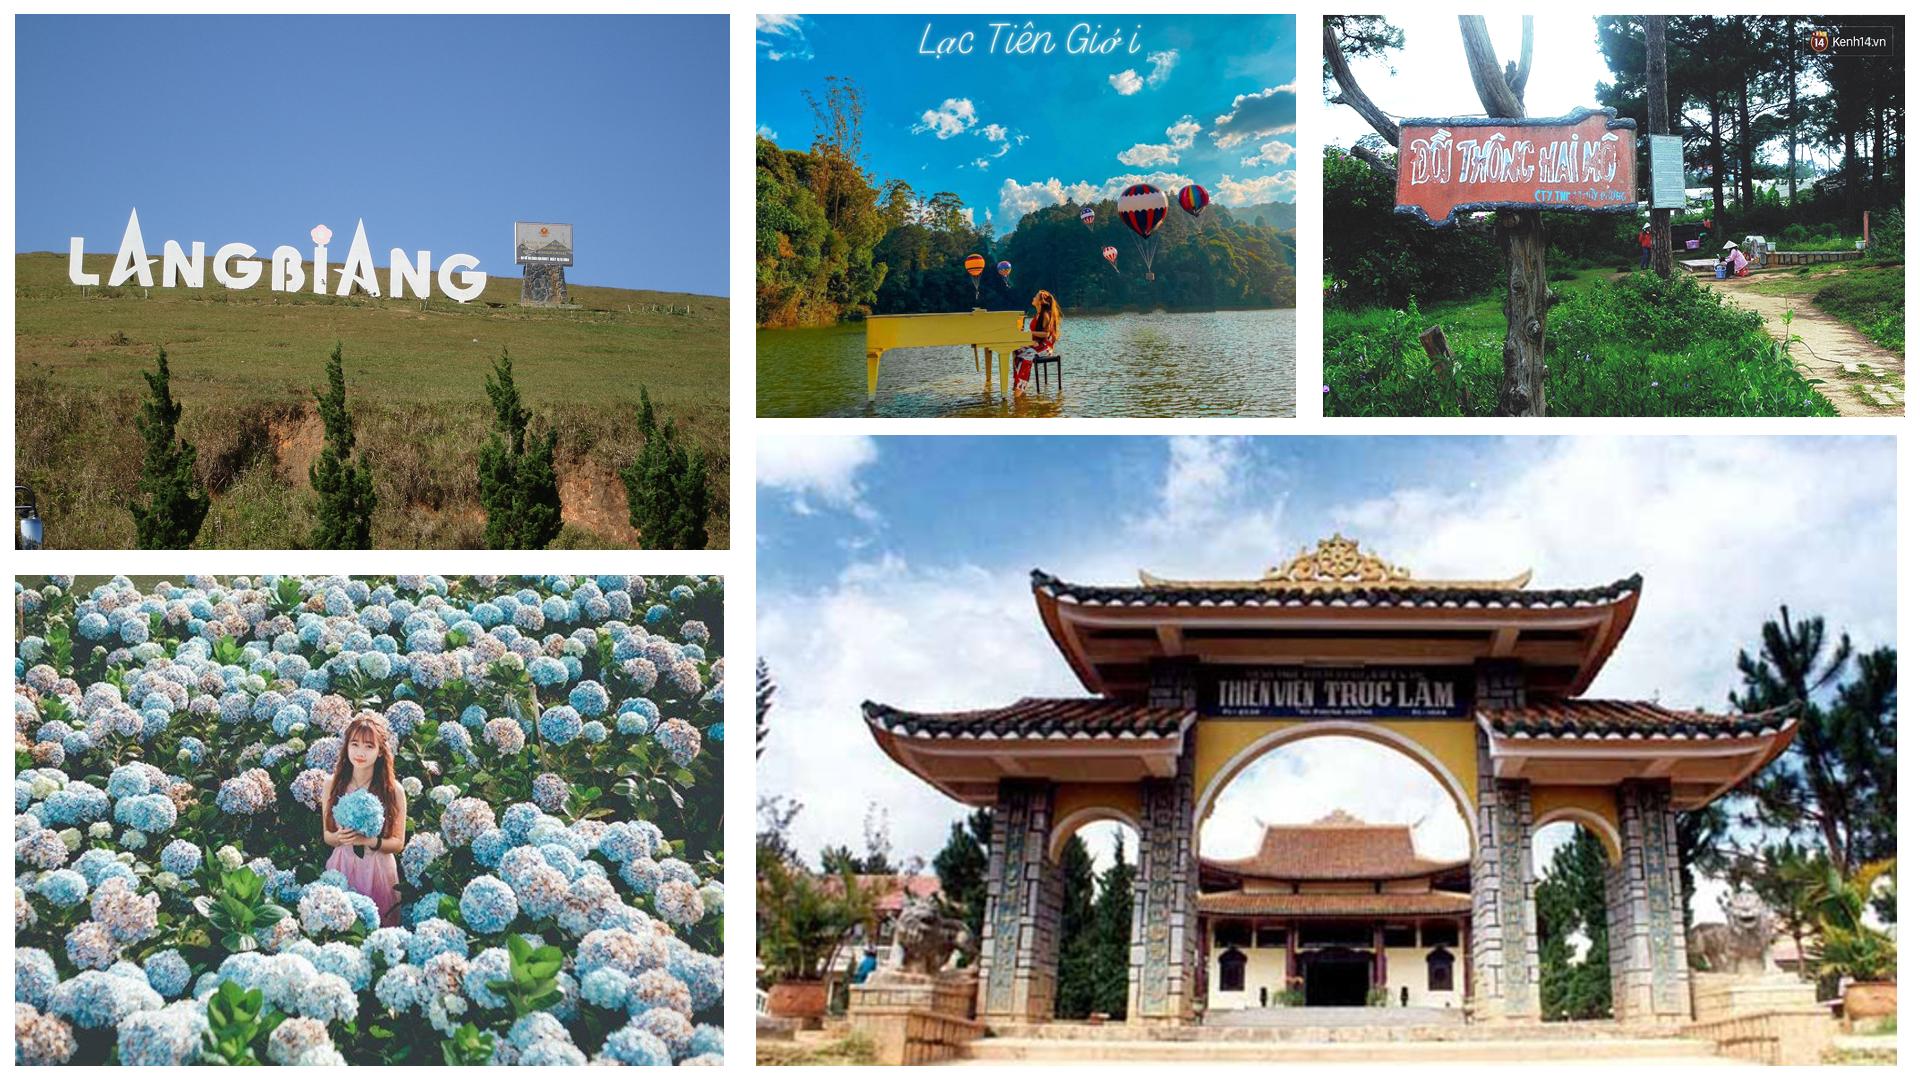 Top 100 địa điểm du lịch Đà Lạt hấp dẫn và có view đẹp nhất năm 2020 | Du  Lịch Đà Lạt OnlineDu Lịch Đà Lạt Online